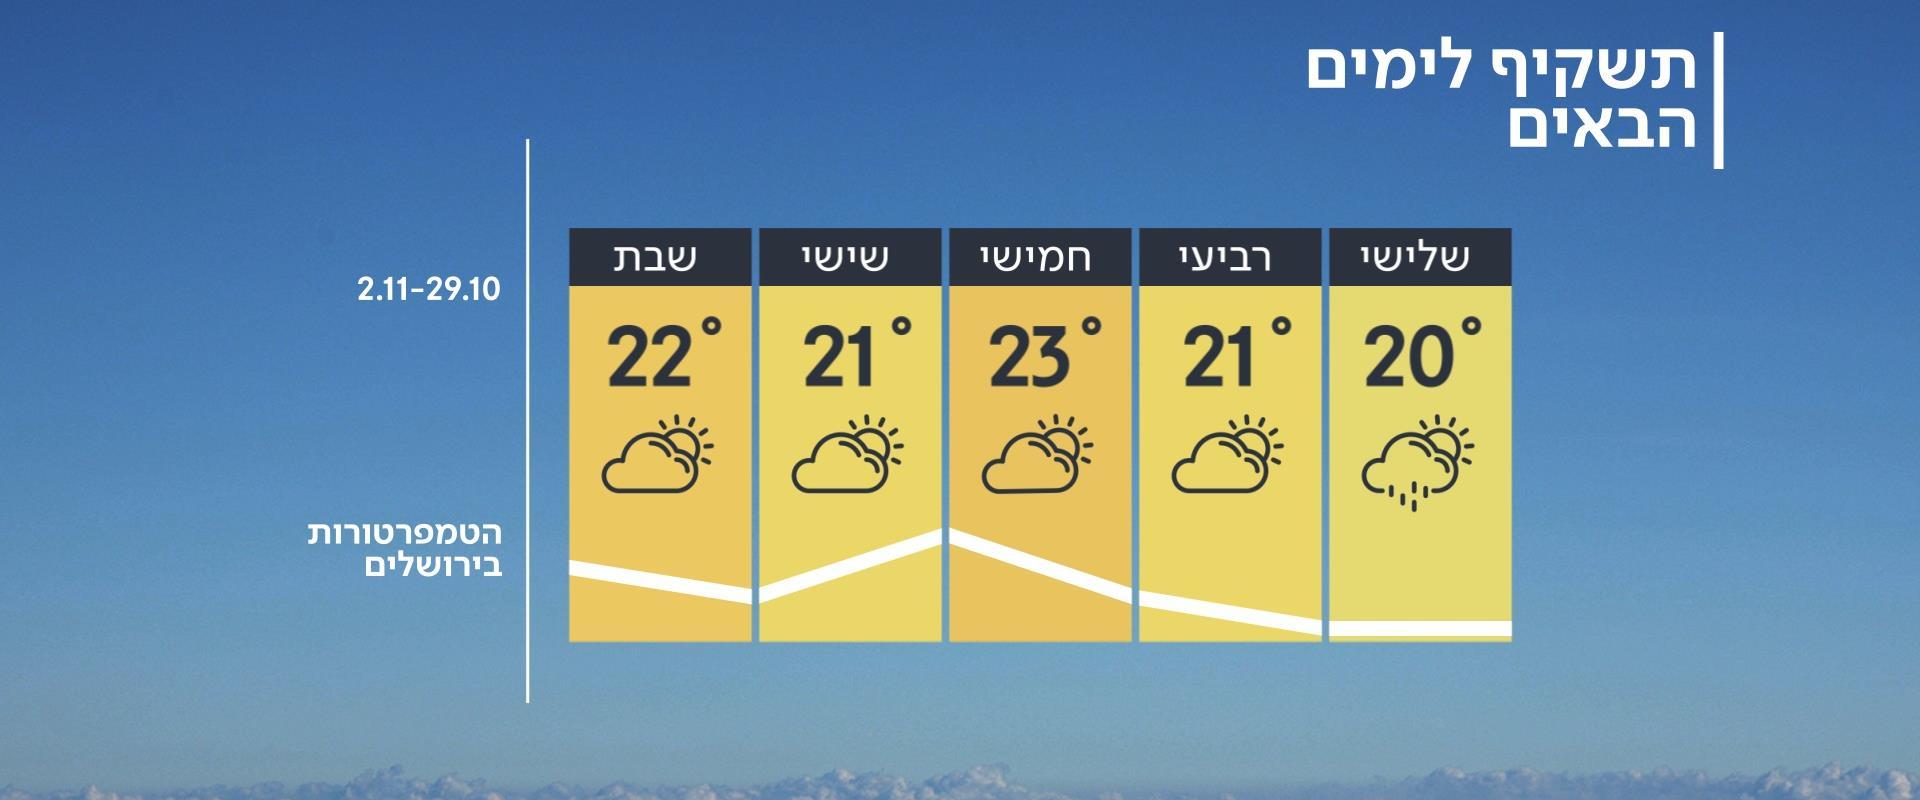 תחזית מזג האוויר, 28.10.19